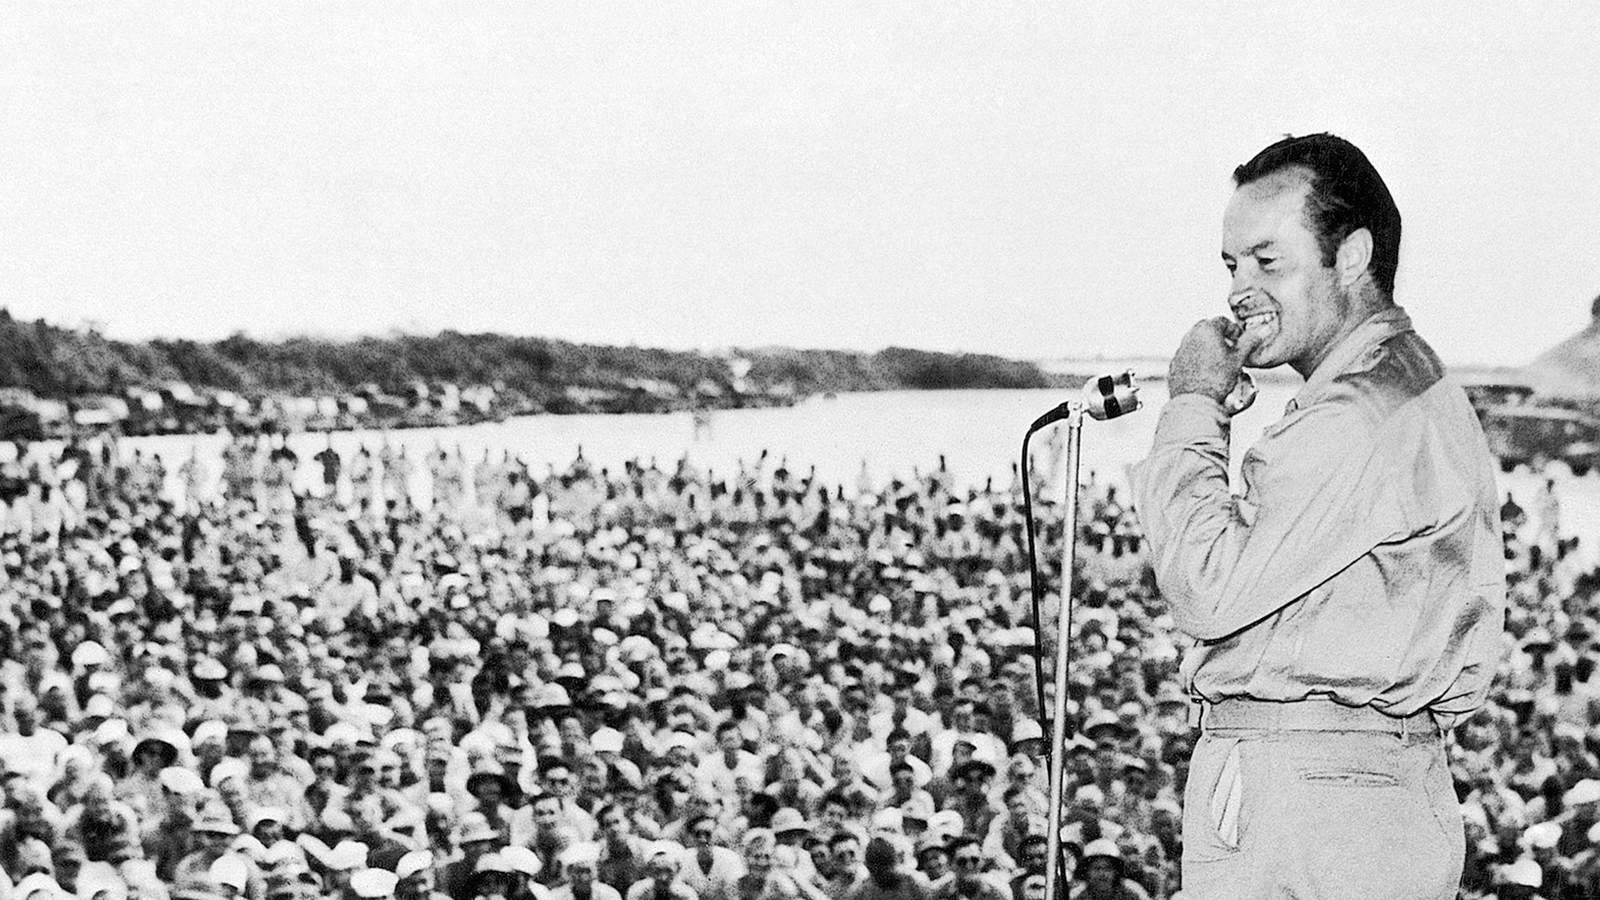 USO show, 1944